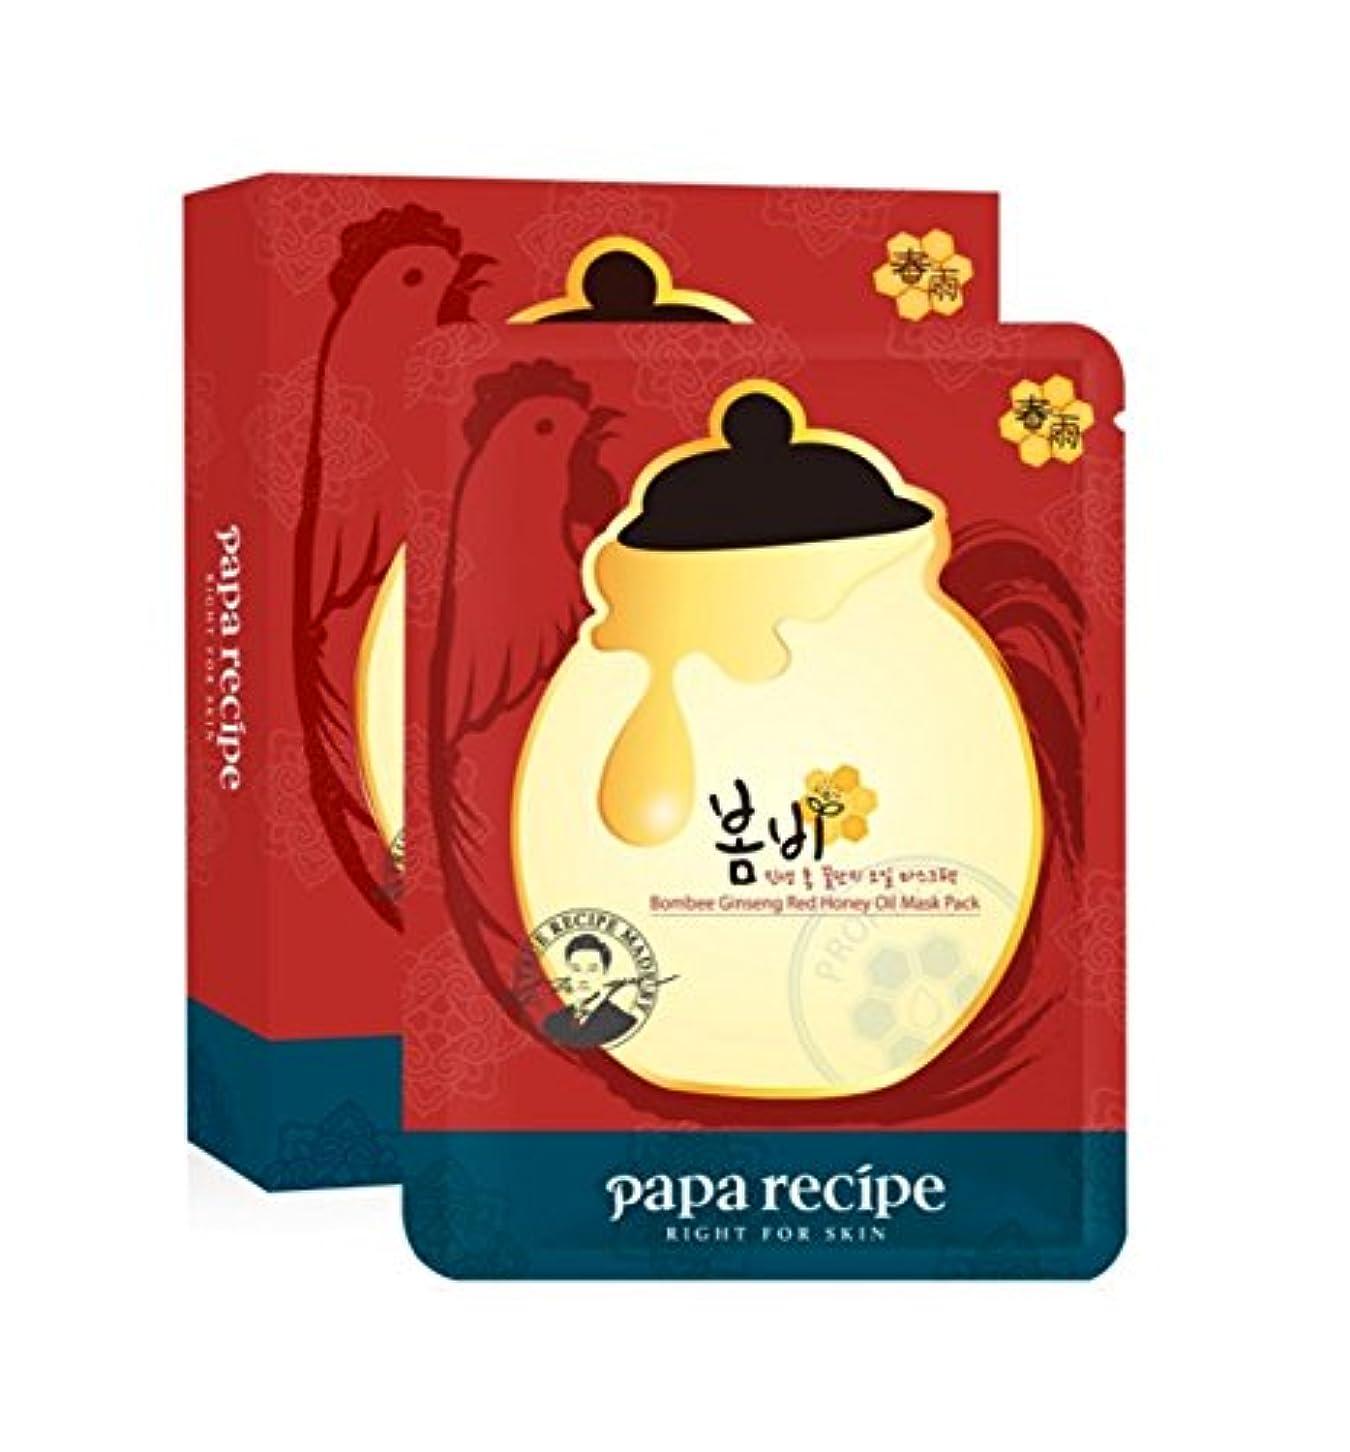 煙ダンスインストールサンスマイル パパレシピ Paparecipe ボムビーハニーオイルマスク 紅参の香り 20ml×10枚(箱入り)